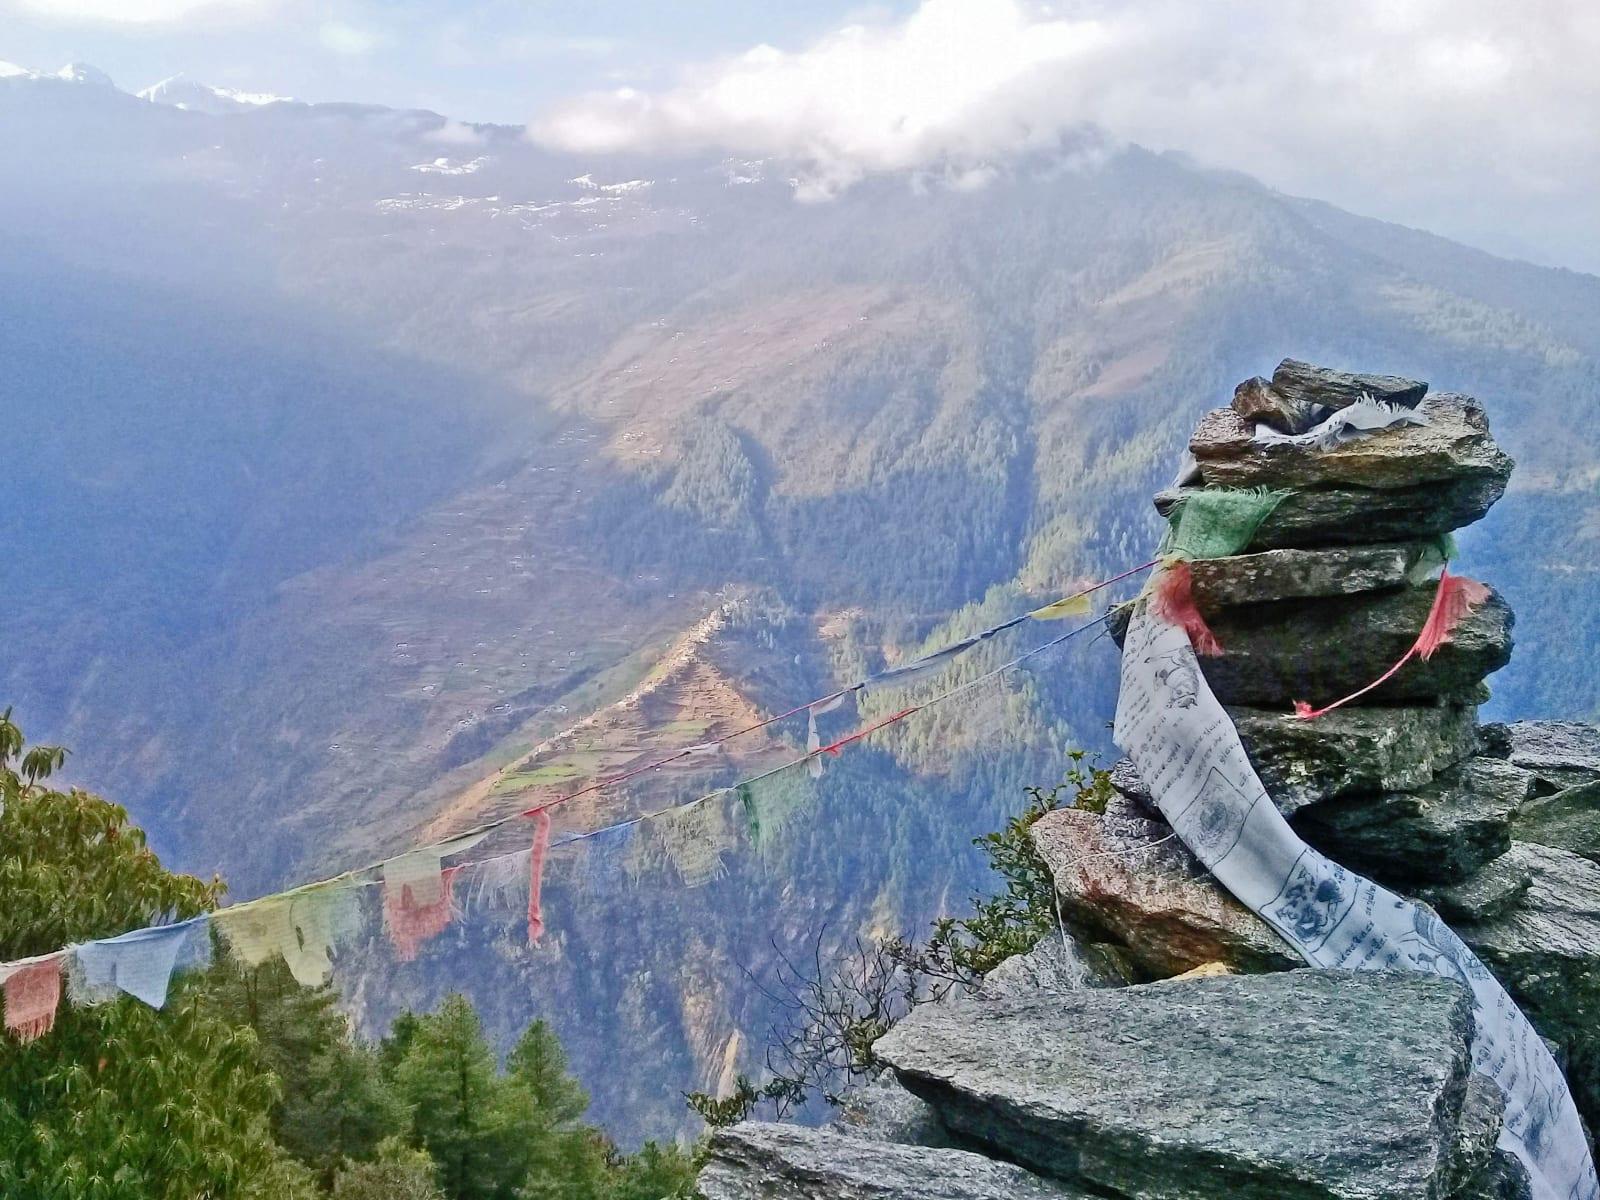 1_Z-vyhlídky-na-cestě-zpět-do-Syabrubesi-Nepál